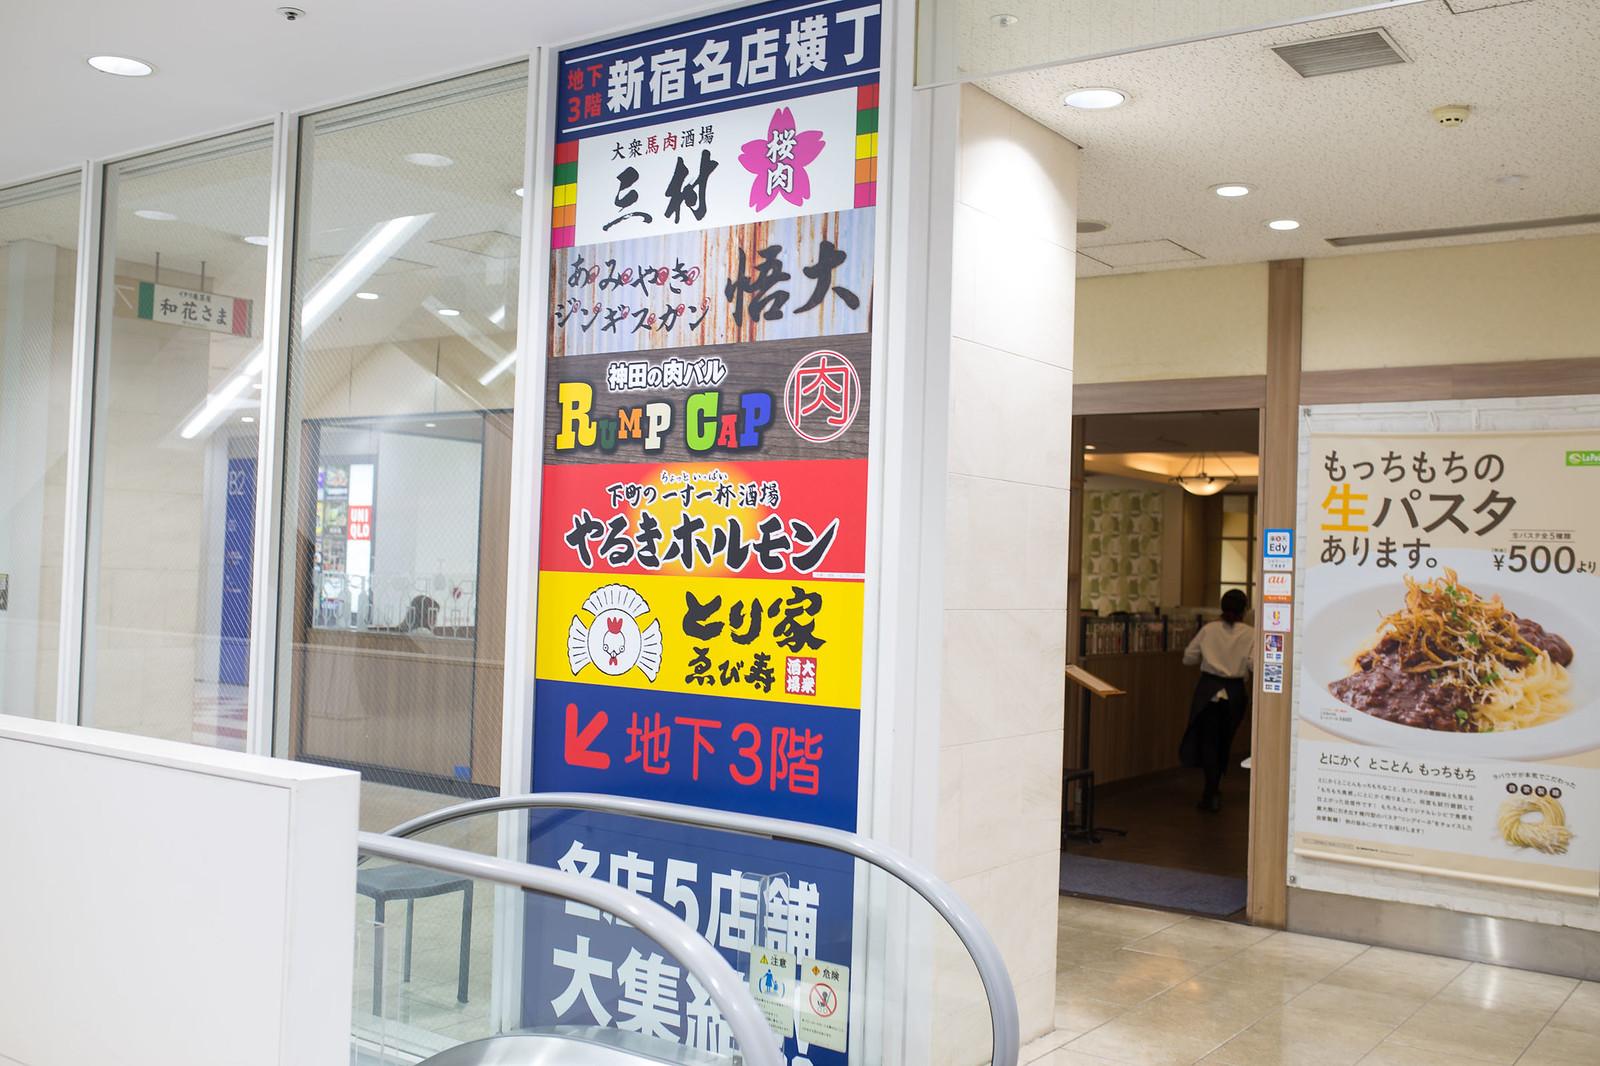 Shinjuku_meiten_yokocho-2